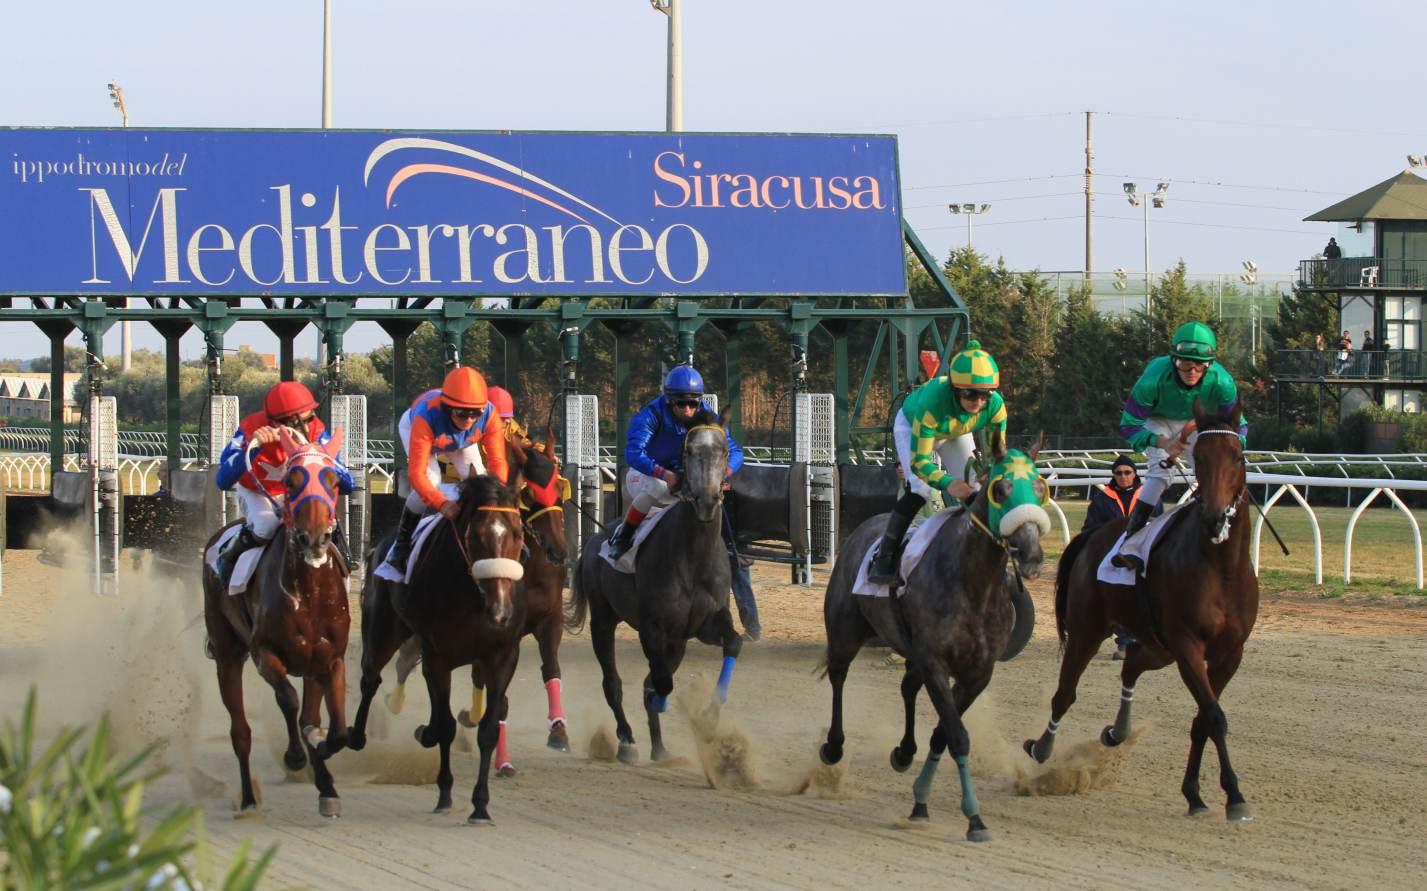 Galoppo a Siracusa, Royal Victory - Dorkel: è sfida nelle condizionate